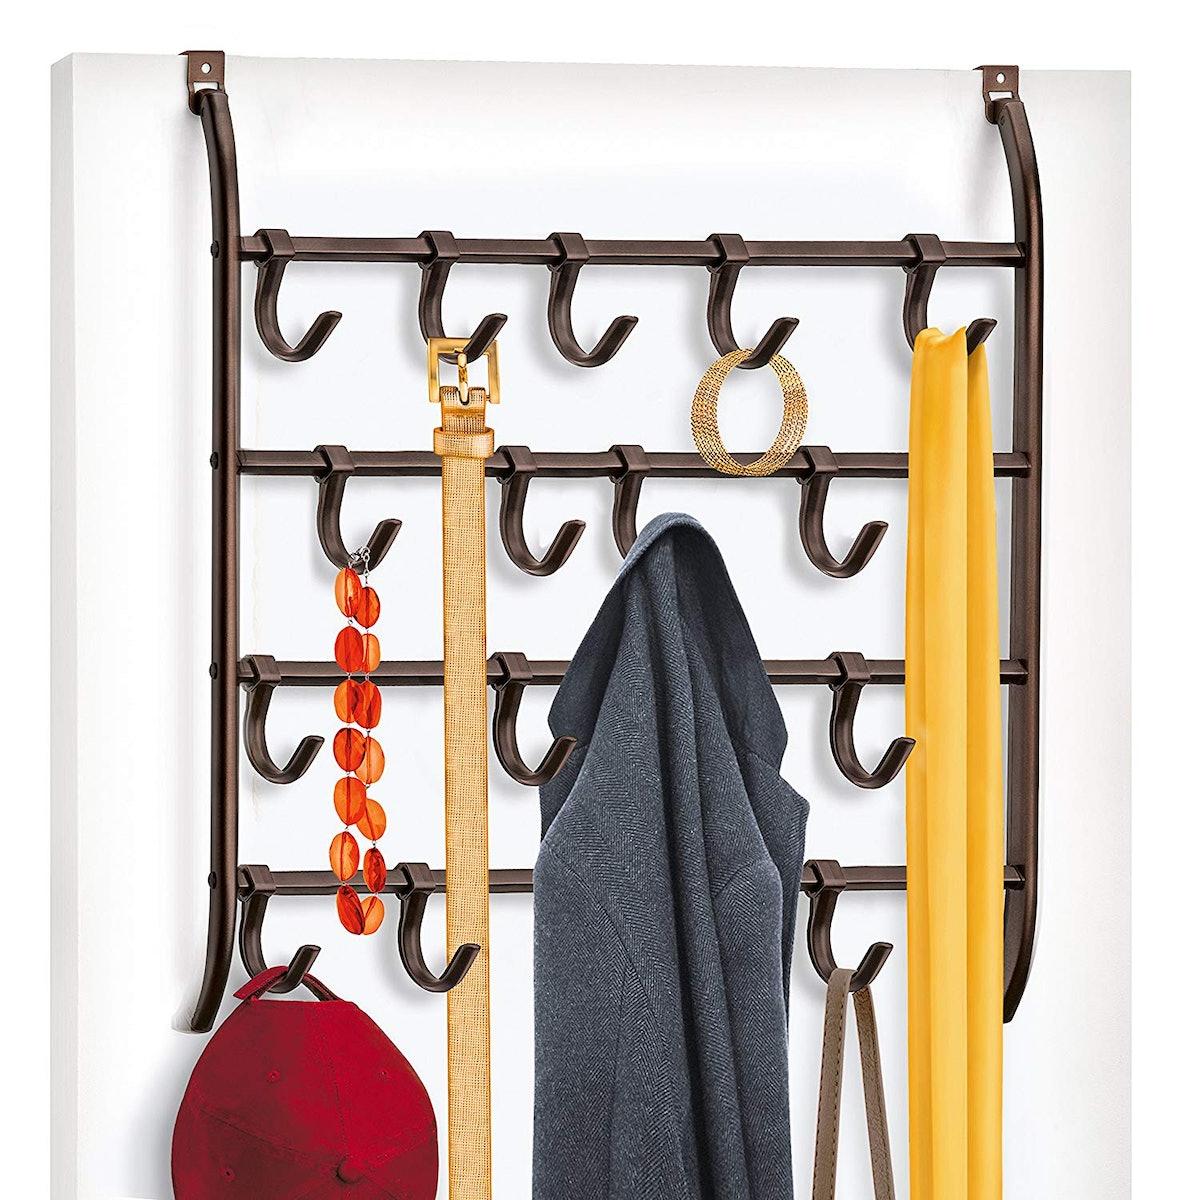 Lynk Over-The-Door Accessory Hanger